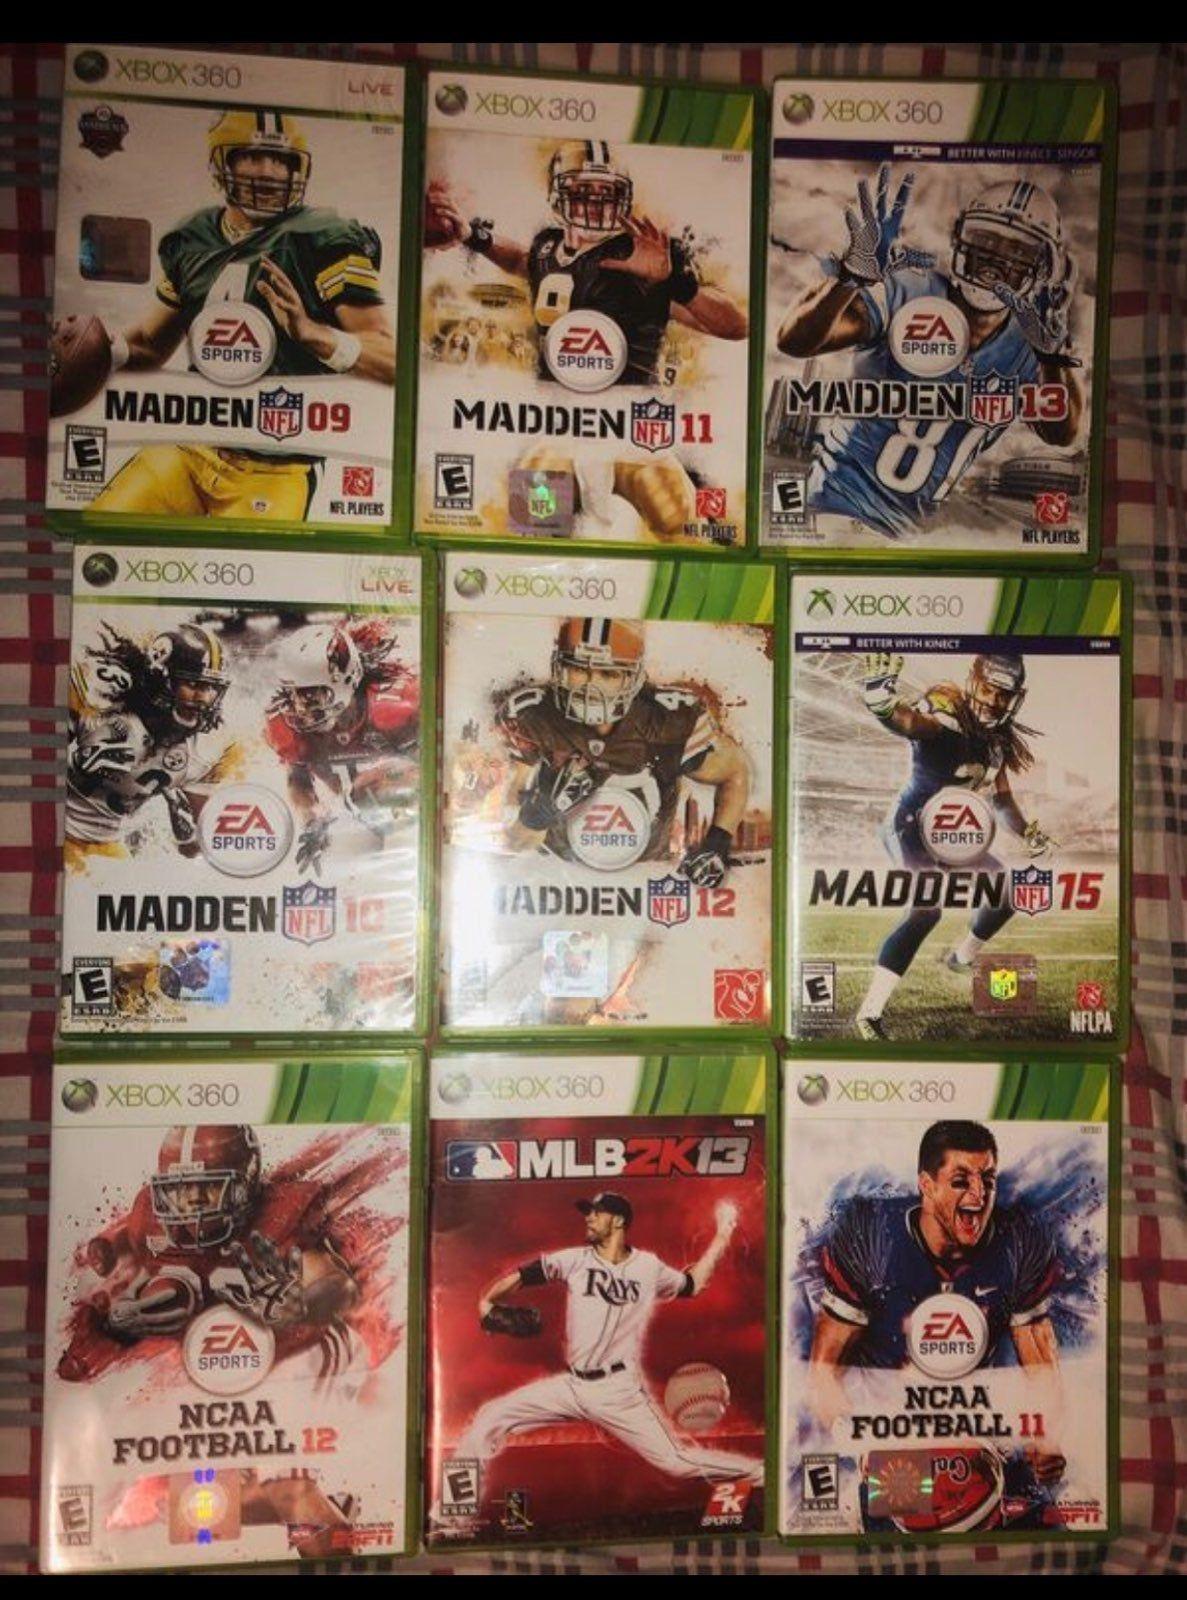 Xbox 360 Football Game Cases Set Xbox Xbox 360 Xbox 360 Games